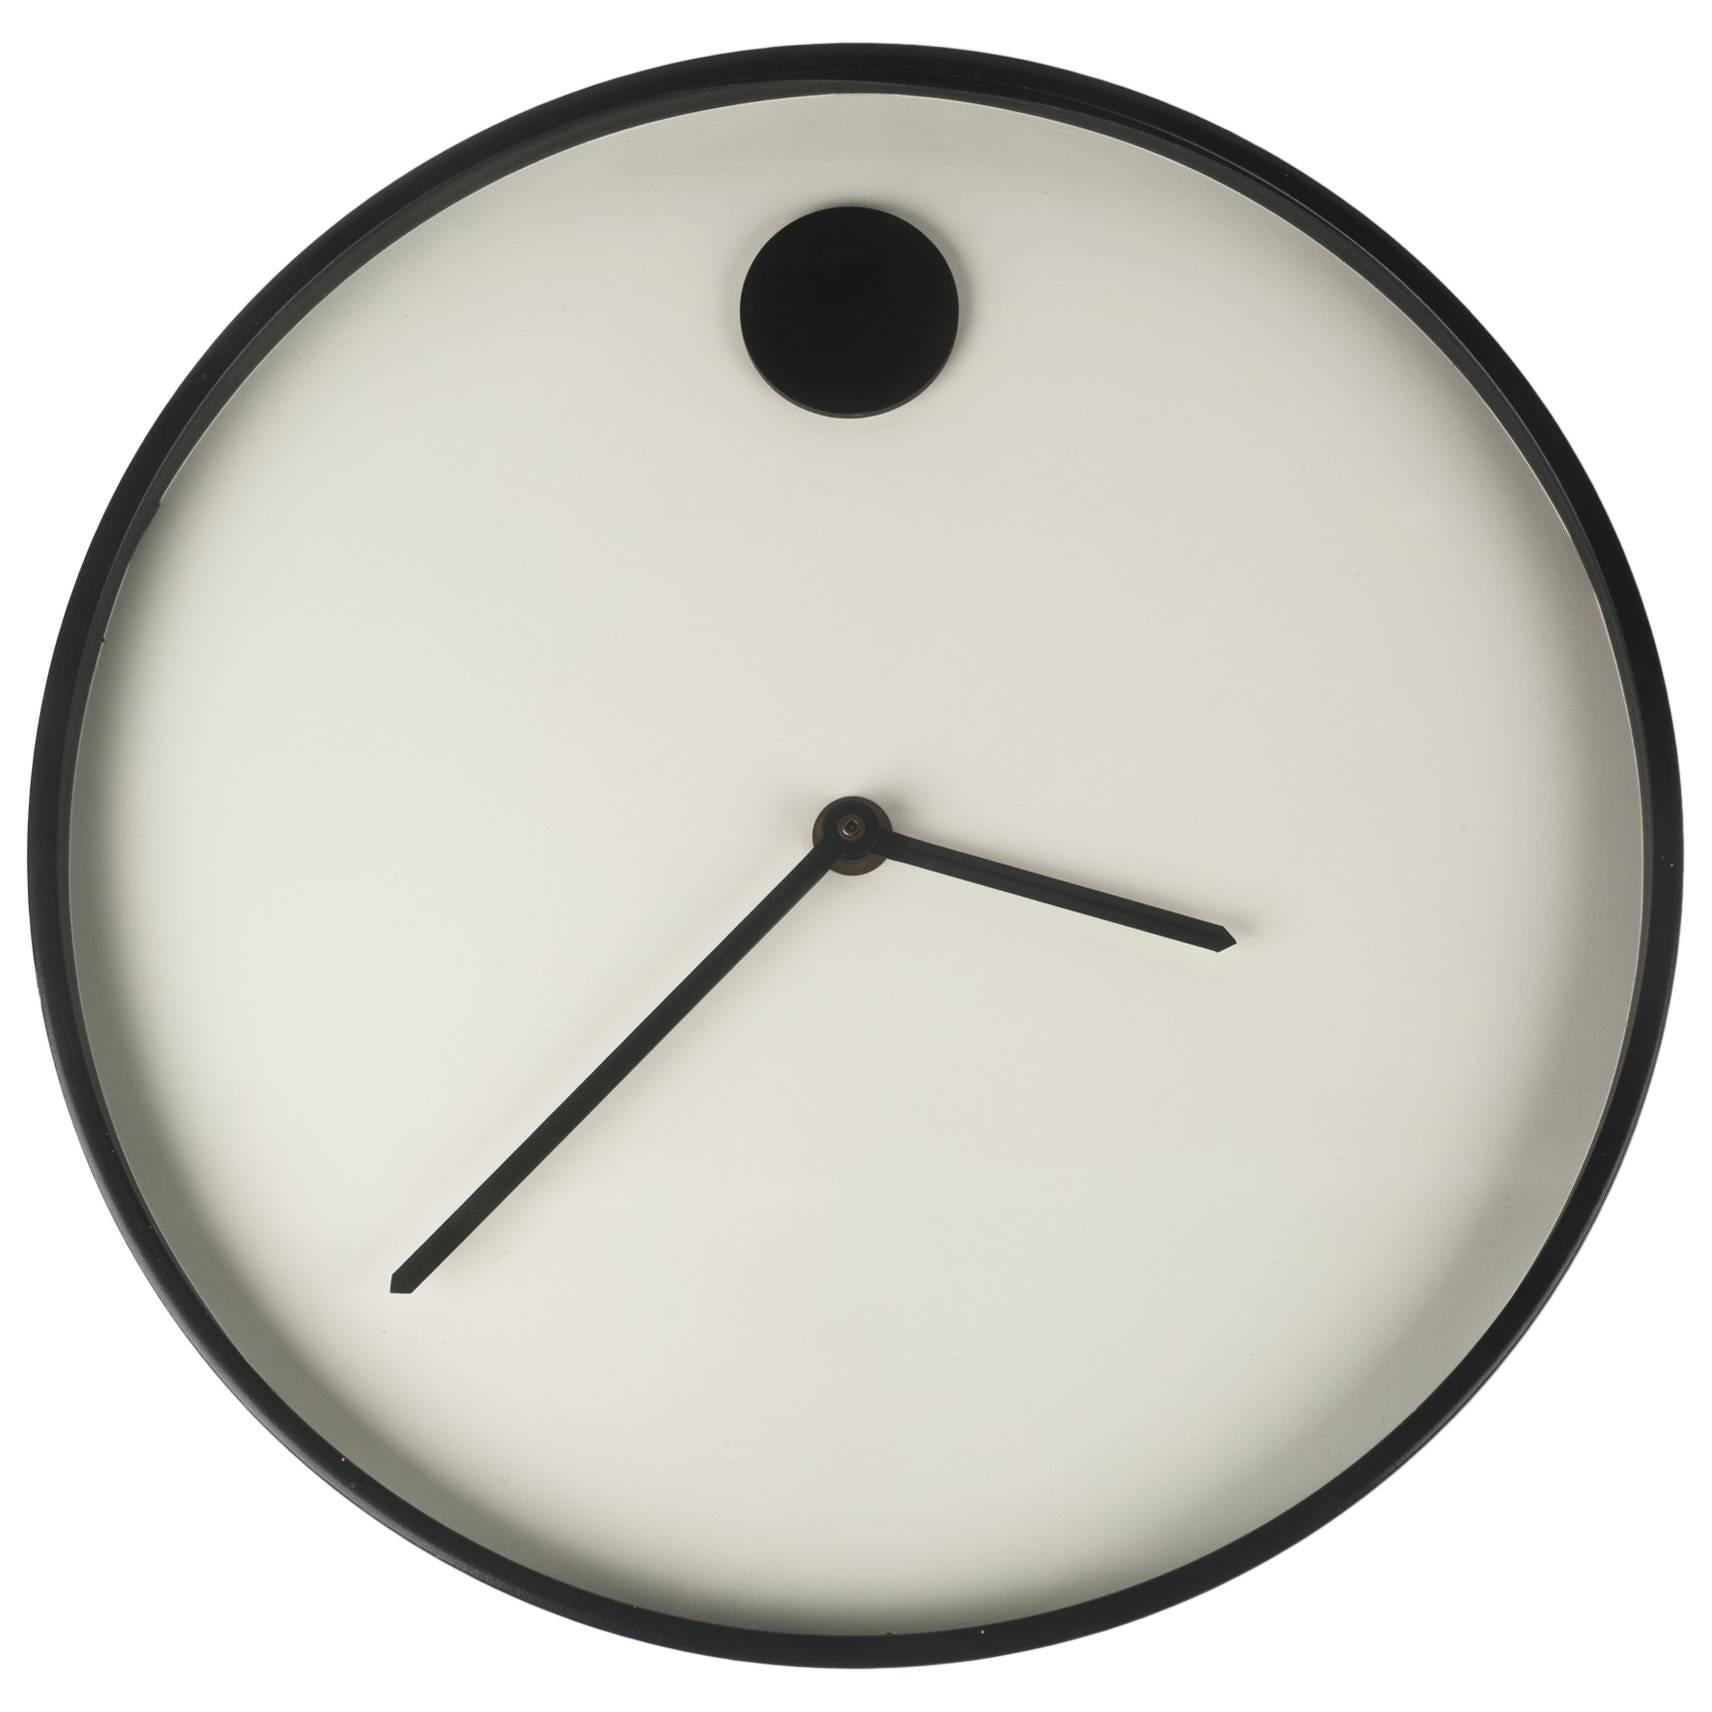 wall clock by george horwitt for howard miller white black frame